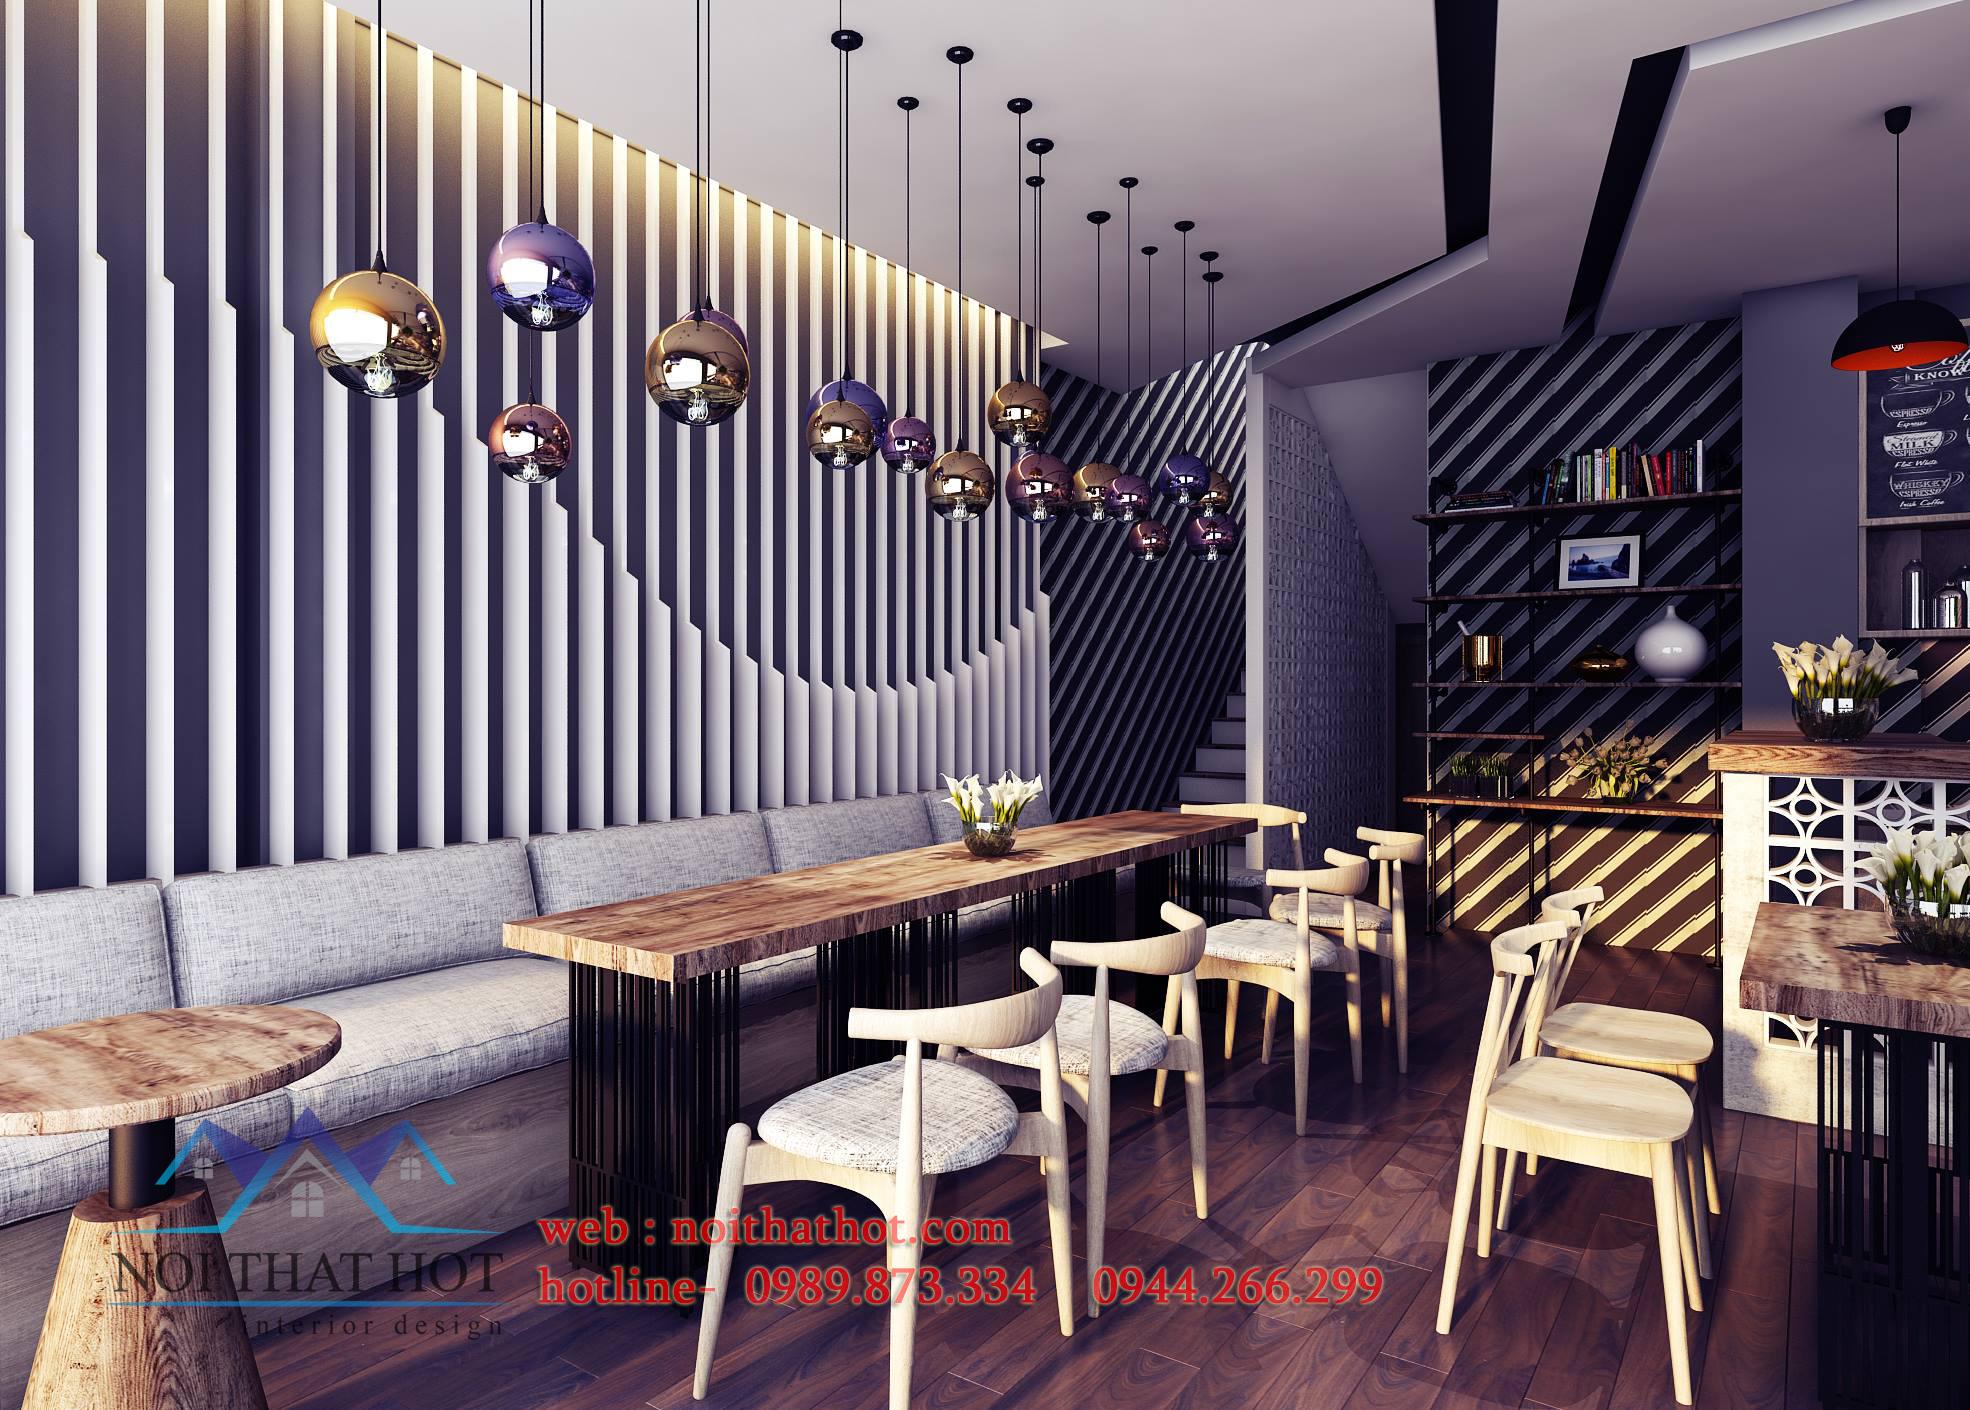 thiết kế quán cafe mộc cổ điển